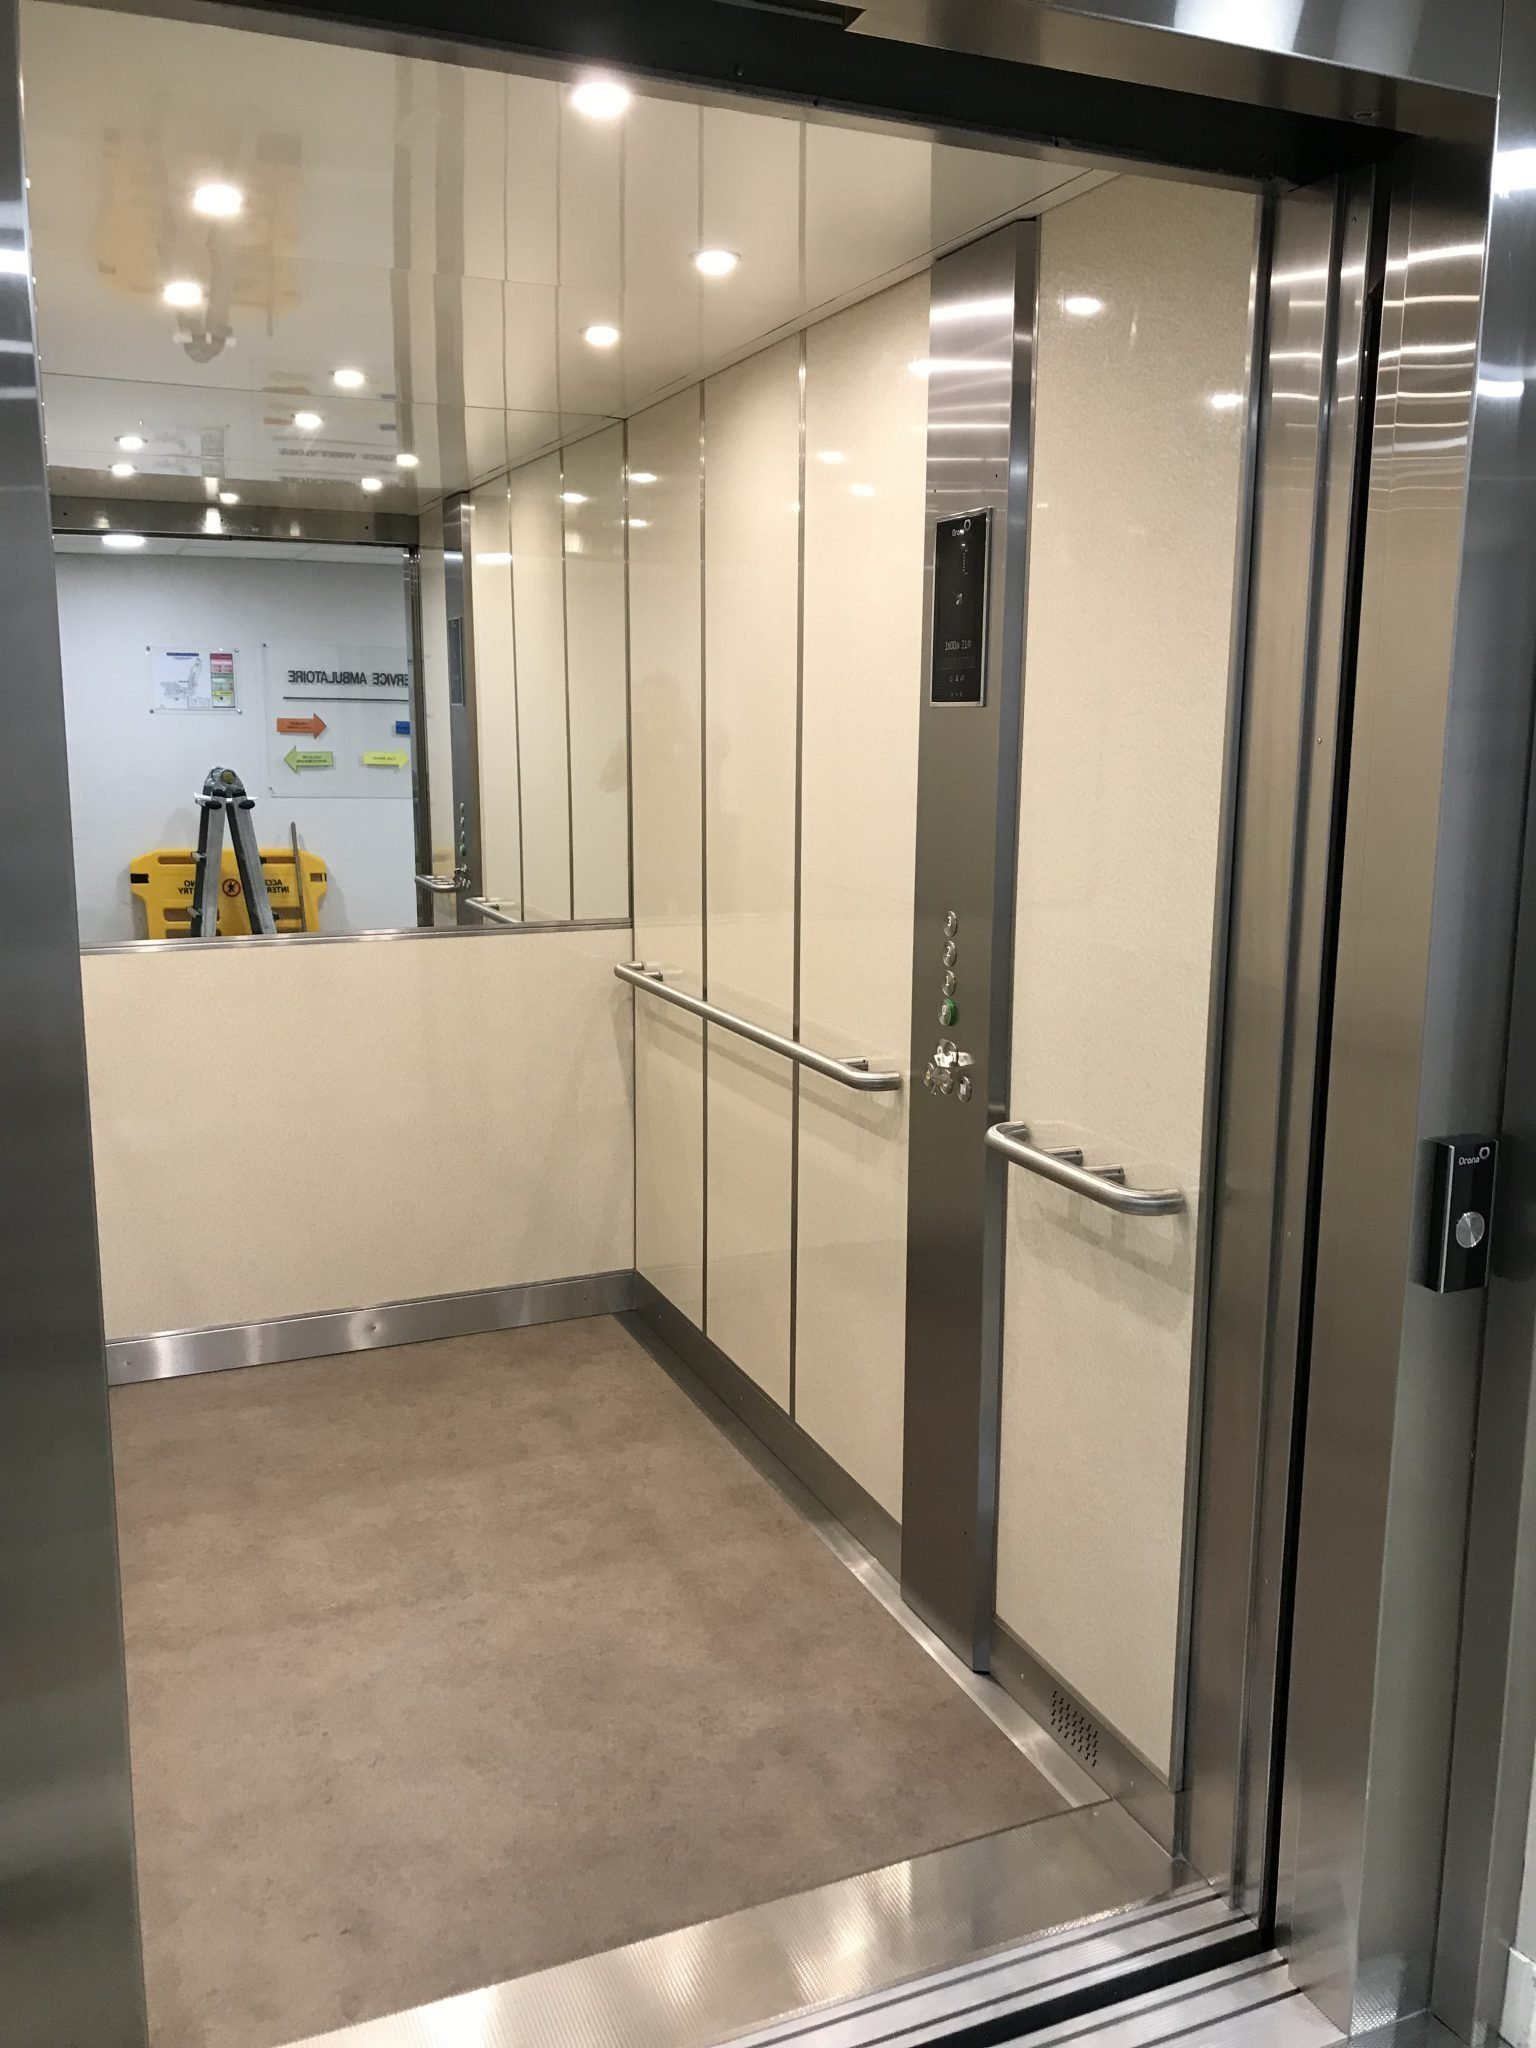 IMG 9858 - Découvrez nos nouvelles réalisations de cabine d'ascenseur !